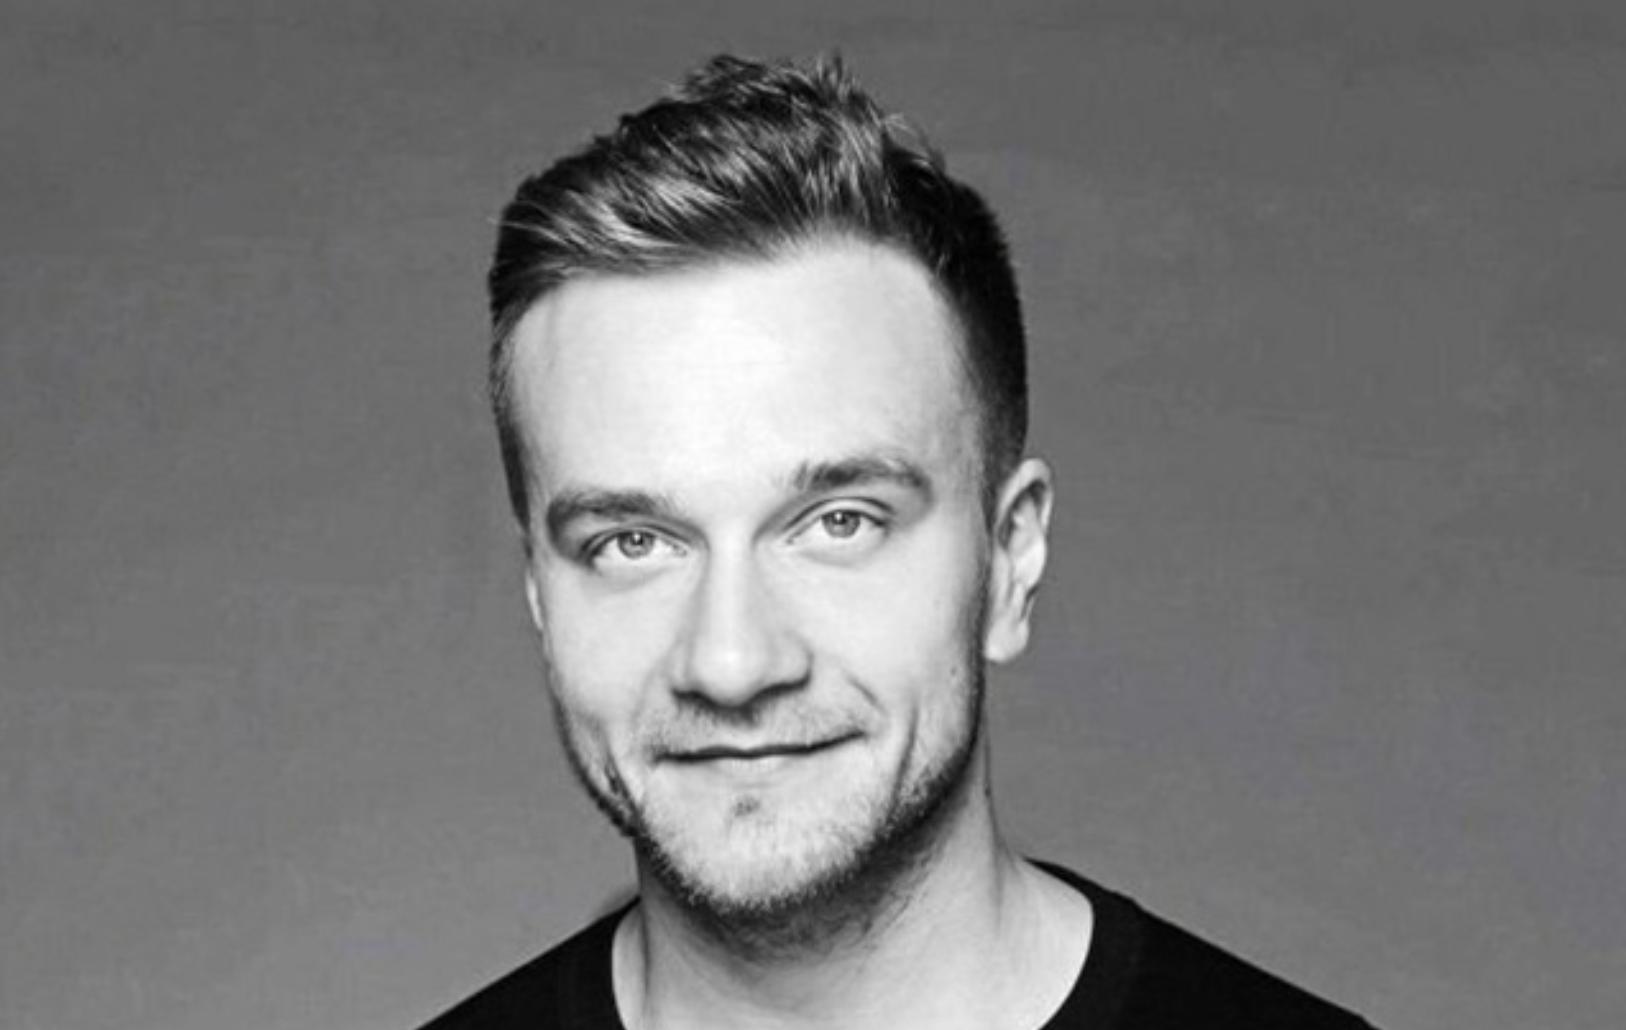 Дмитрий Мацкевич, Dbrain: опредпринимательстве как психическом отклонении, ИИ и эмоциональной безопасности